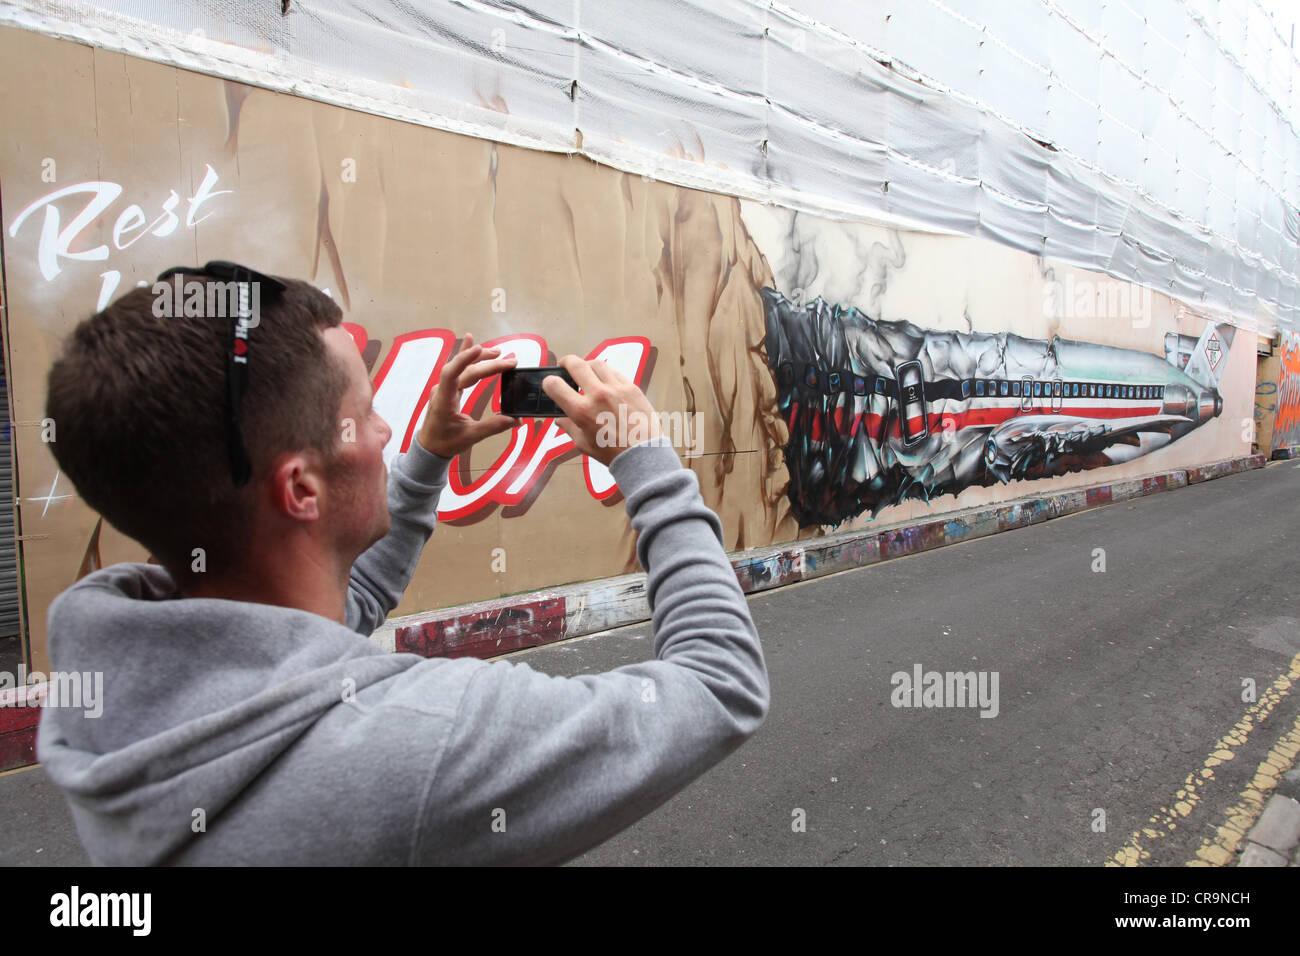 Hommage à Graffiti Adam Yauch Beastie Boy,connu sous le nom de MCA qui mourut âgé de 47 ans le 4 mai 2012. Banque D'Images